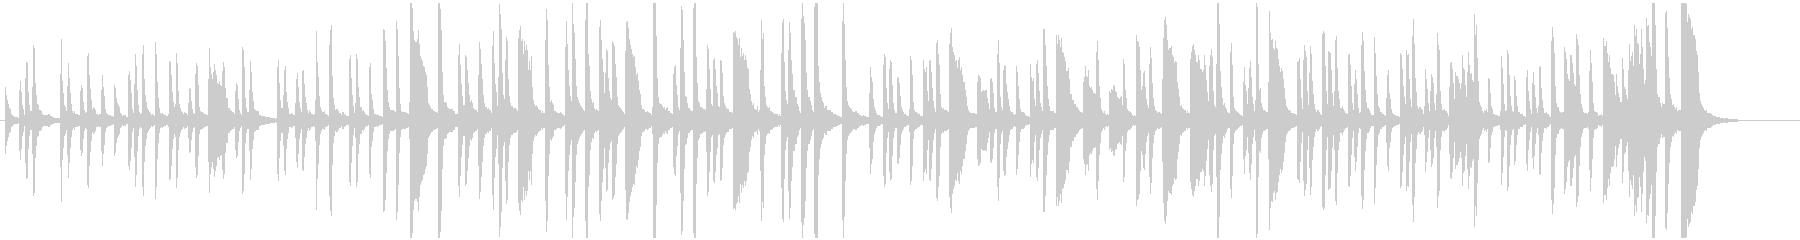 リズミカルでポップなピアノBGMの未再生の波形